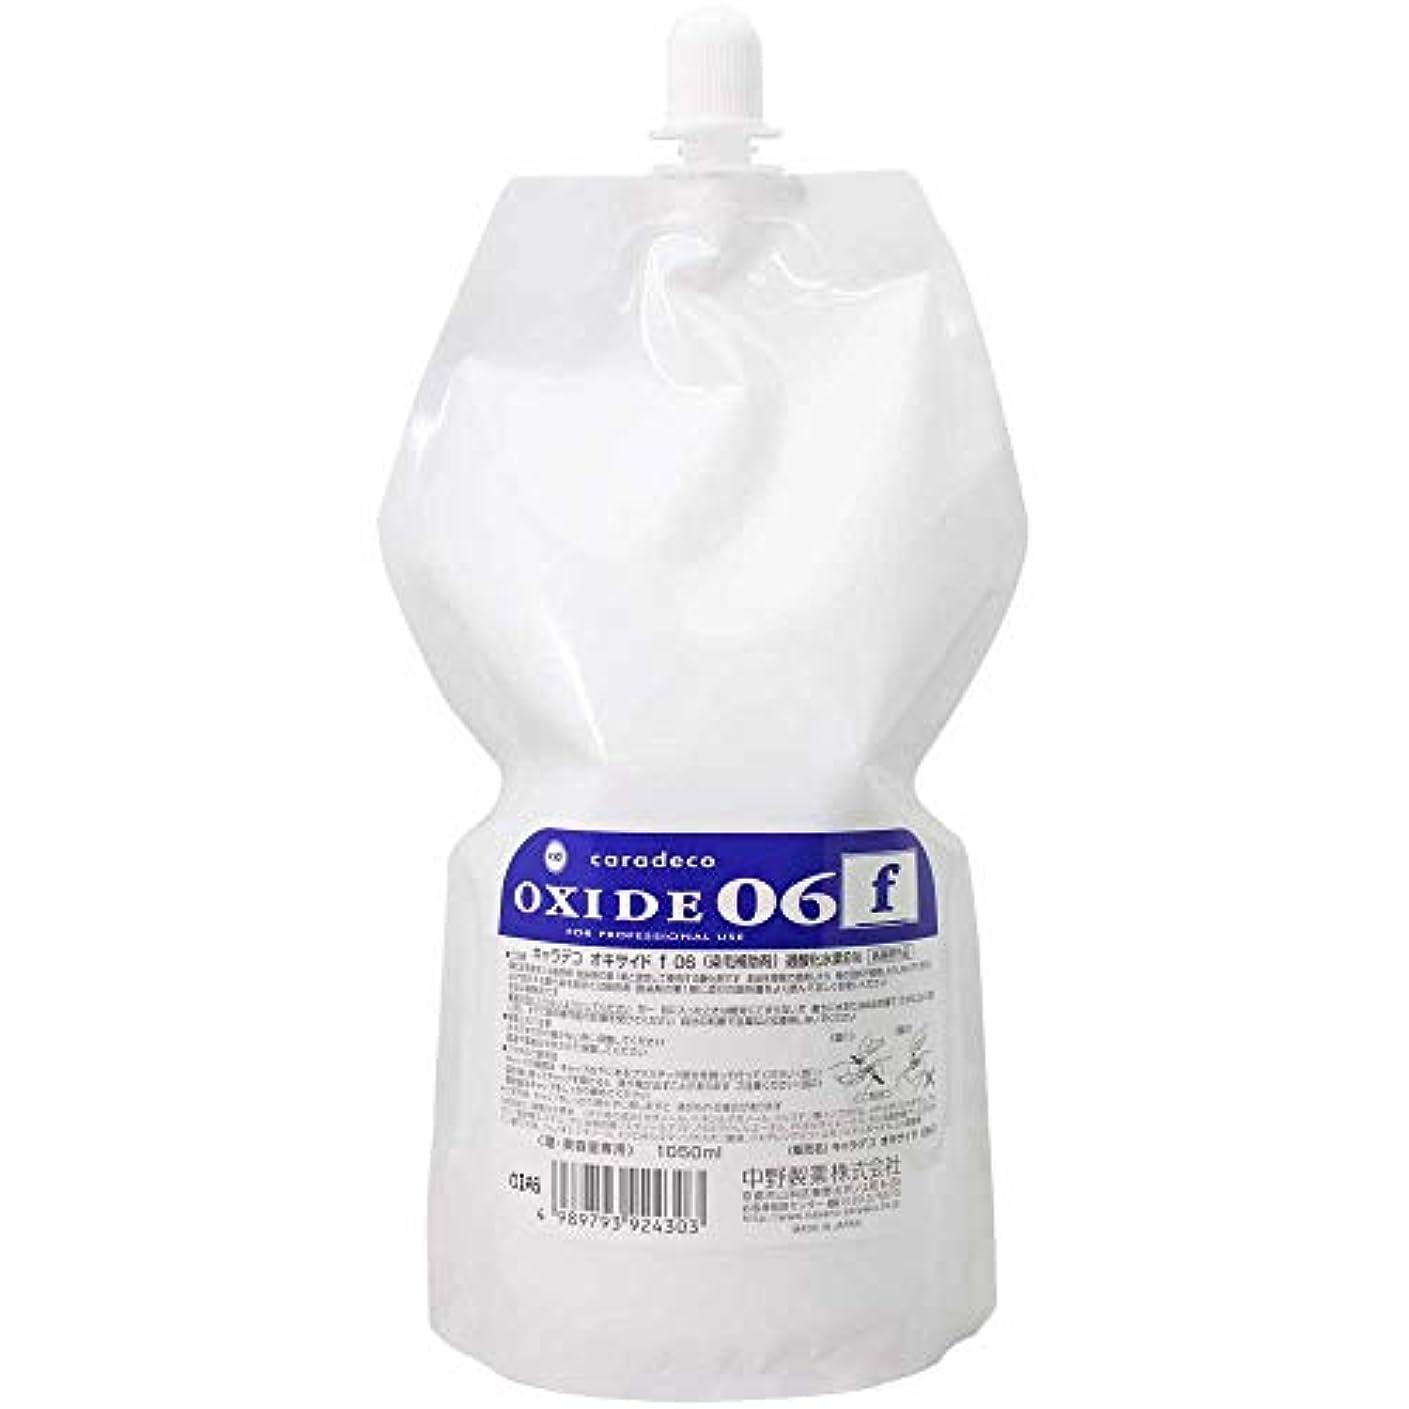 タイムリーなマスタードうれしい【ナカノ】キャラデコ オキサイドf 06 第2剤 (過酸化水素6%) 1050ml